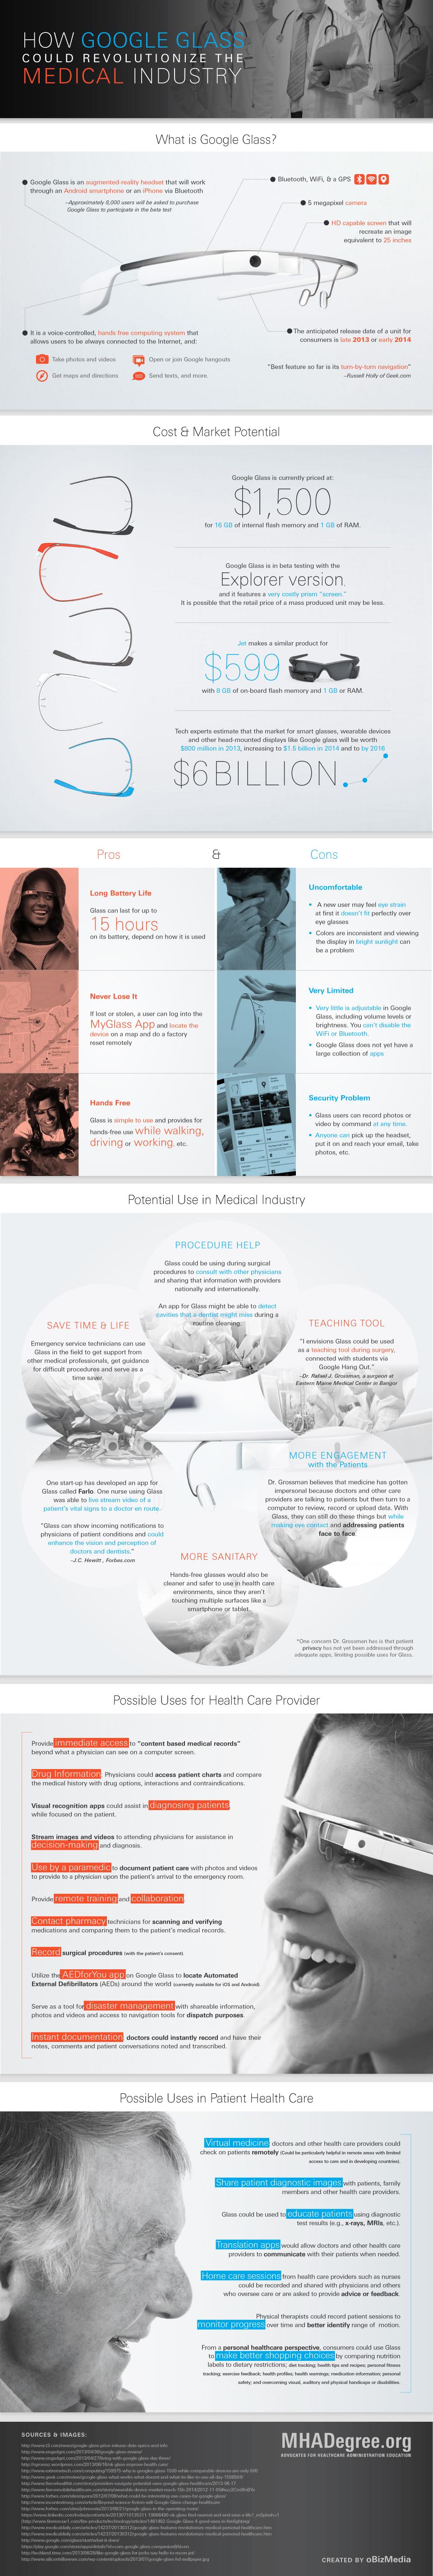 Google Glass e Industria Médica